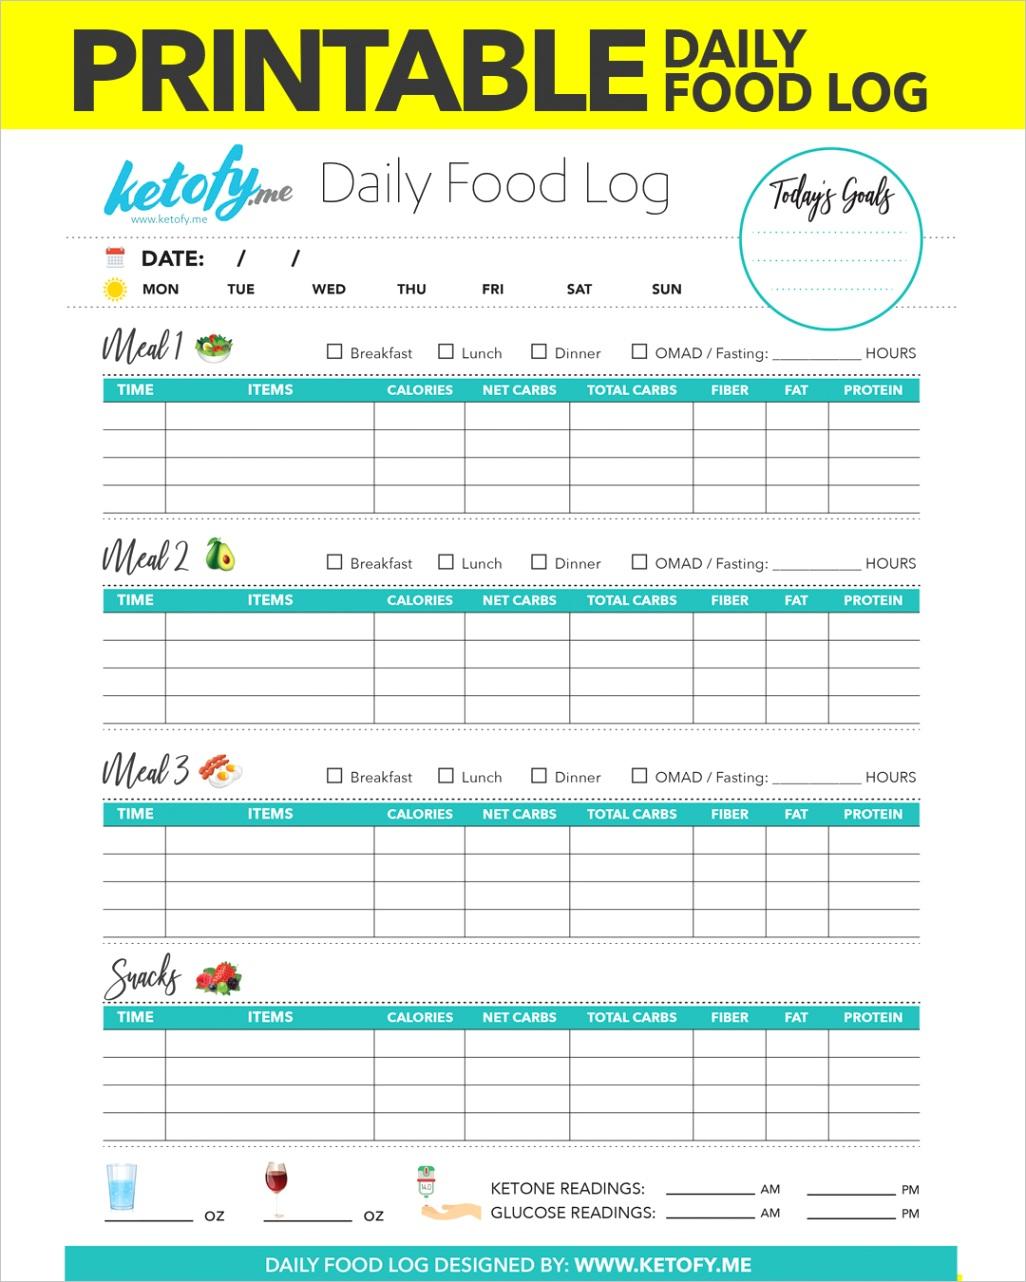 printable keto daily food log food journal food diary